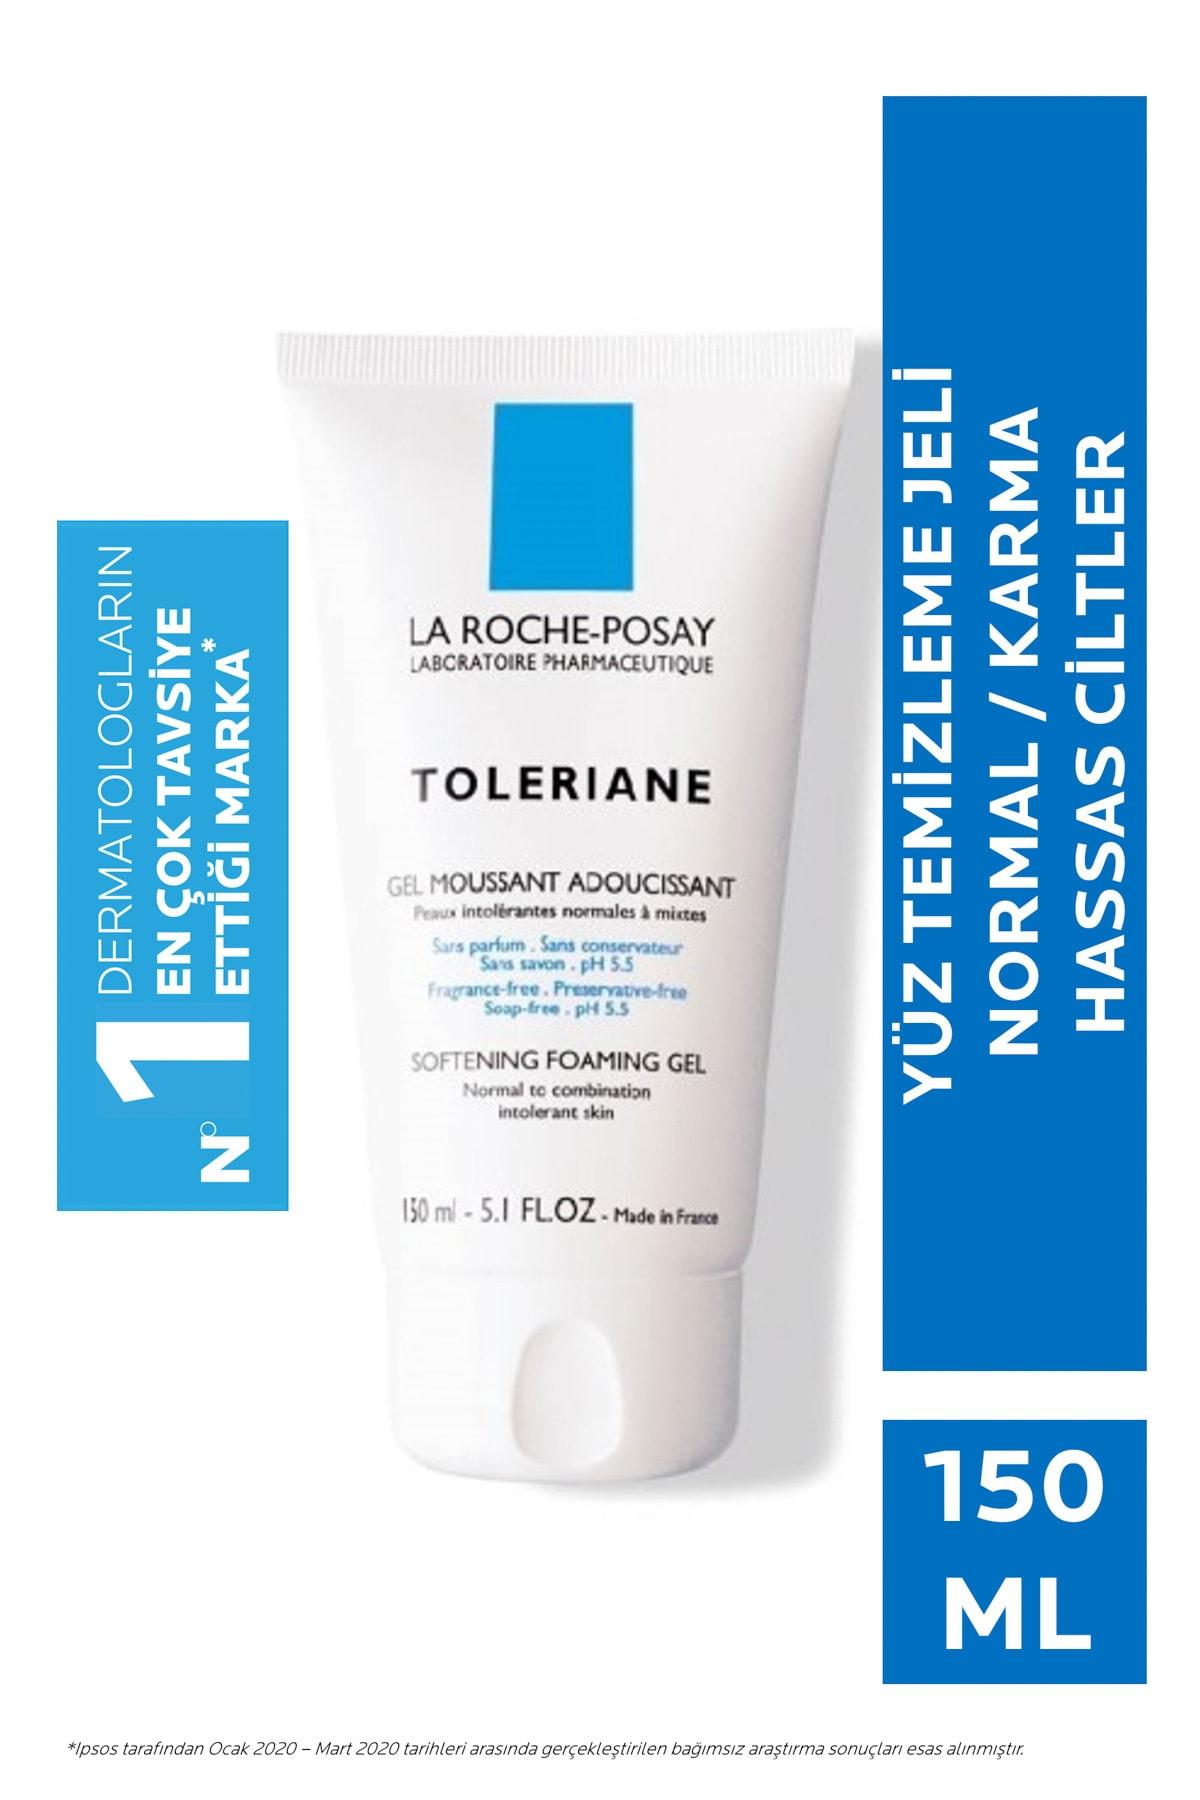 La Roche Posay Toleriane Foaming Gel - Temizleyici Jel 150ml 1